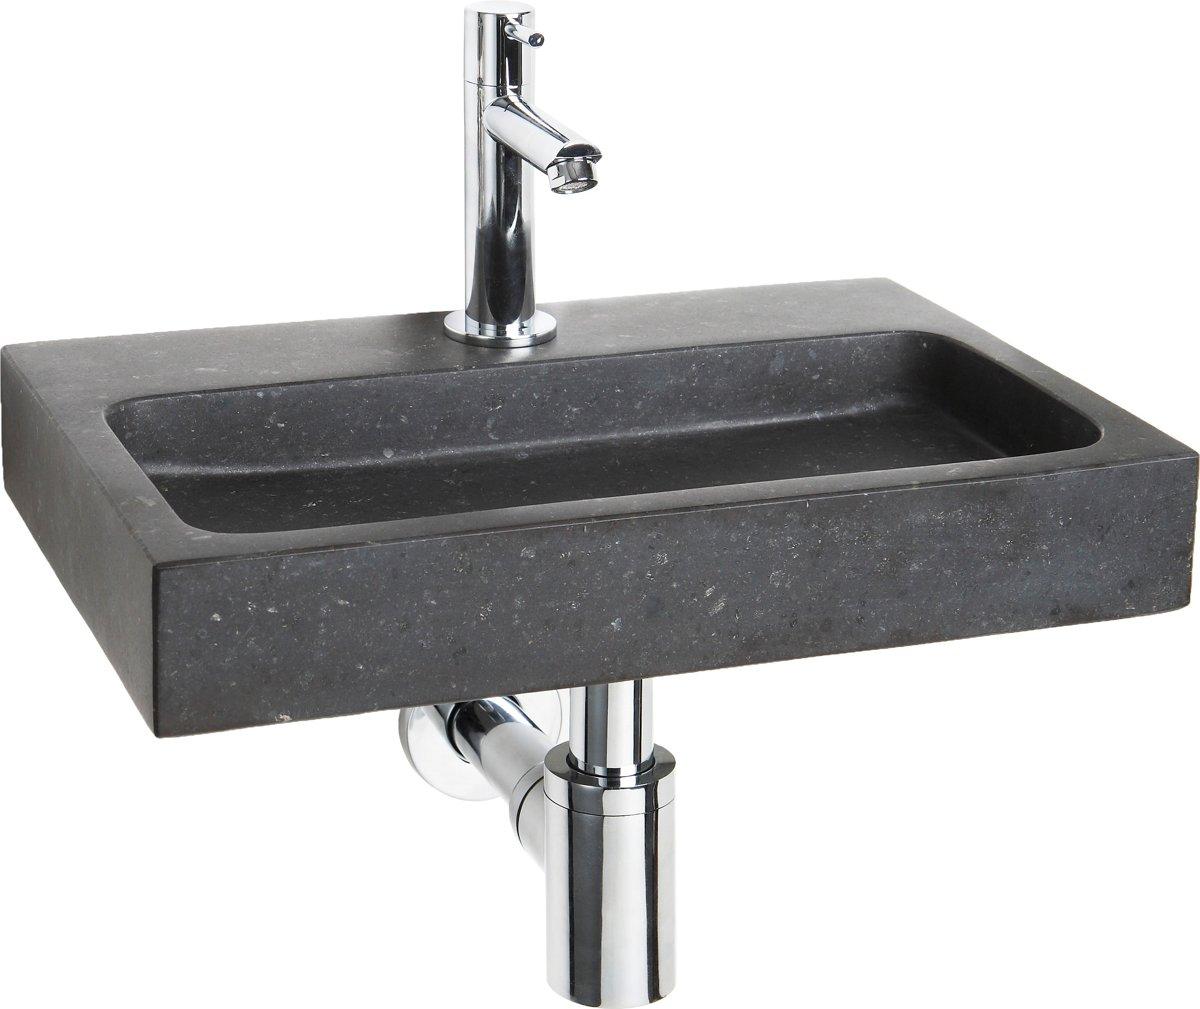 Fonteinset Differnz Flat Rechthoek 38x24x7cm Natuursteen Chroom Toiletkraan Sifon Plug kopen